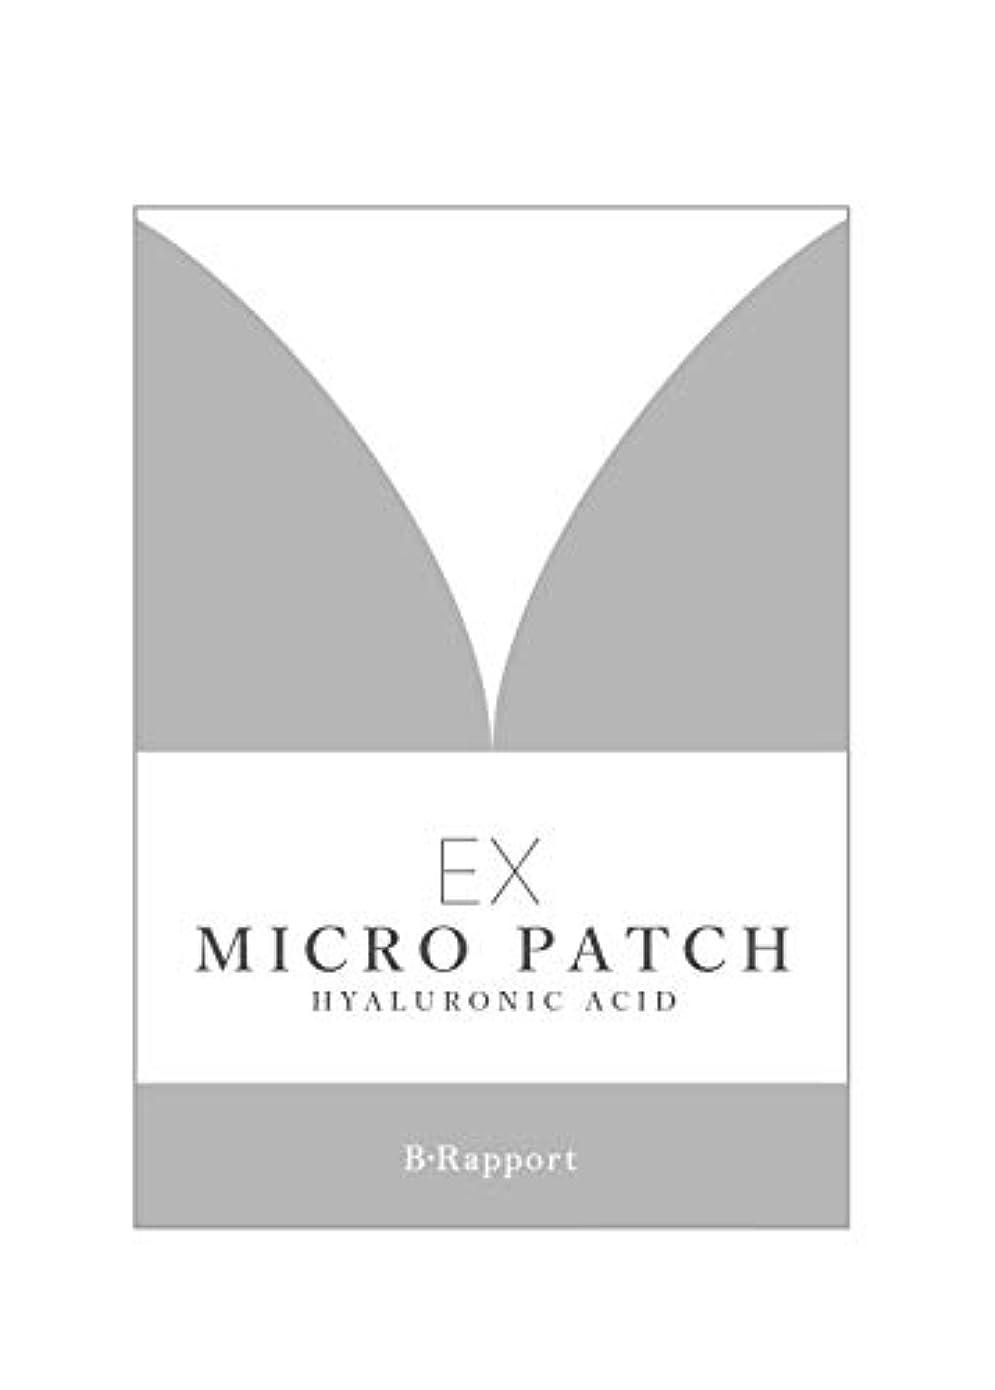 子猫燃料ミシン目B?Rapport (ビー?ラポール)マイクロパッチ【ヒアルロン酸を針状に固めた美容液パック】日本製 1セット2枚入り